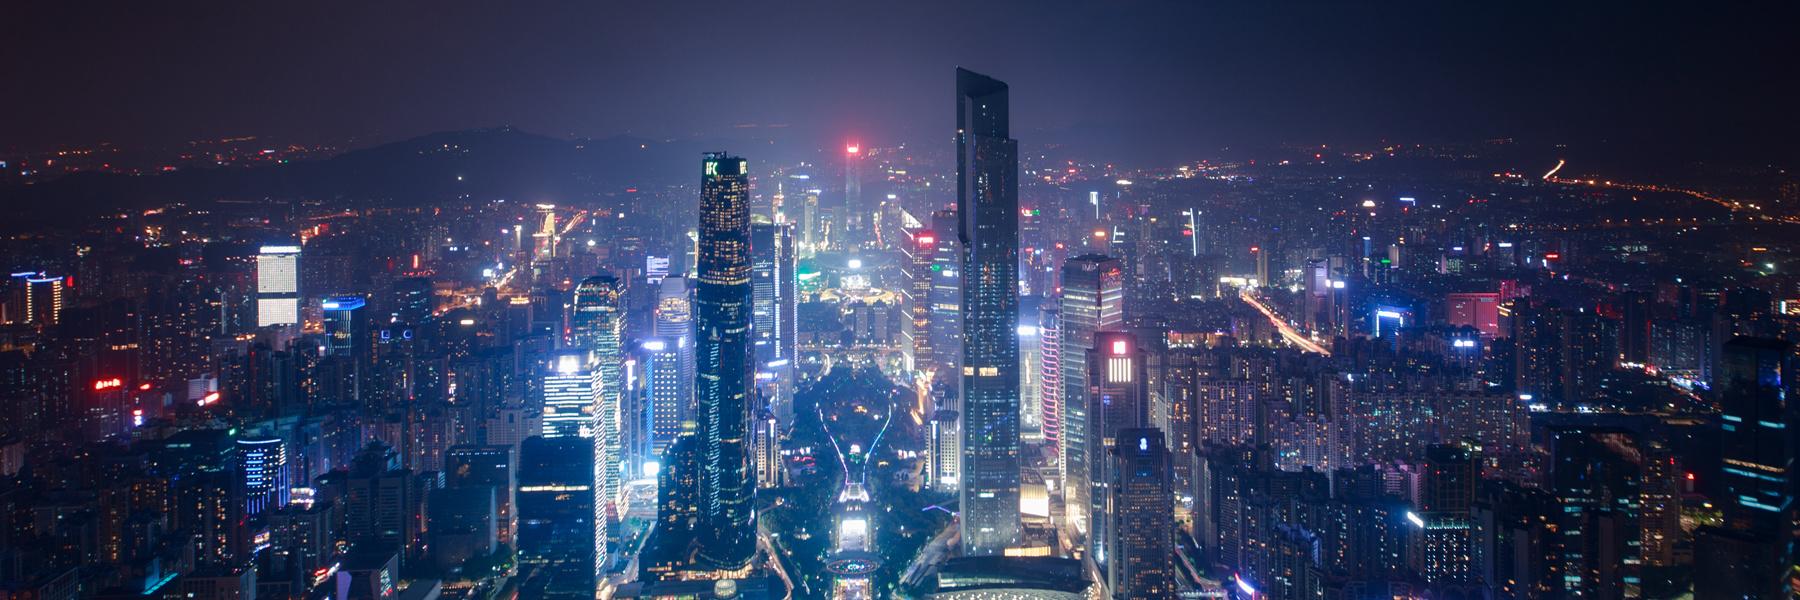 广州塔,城市之巅的漫游